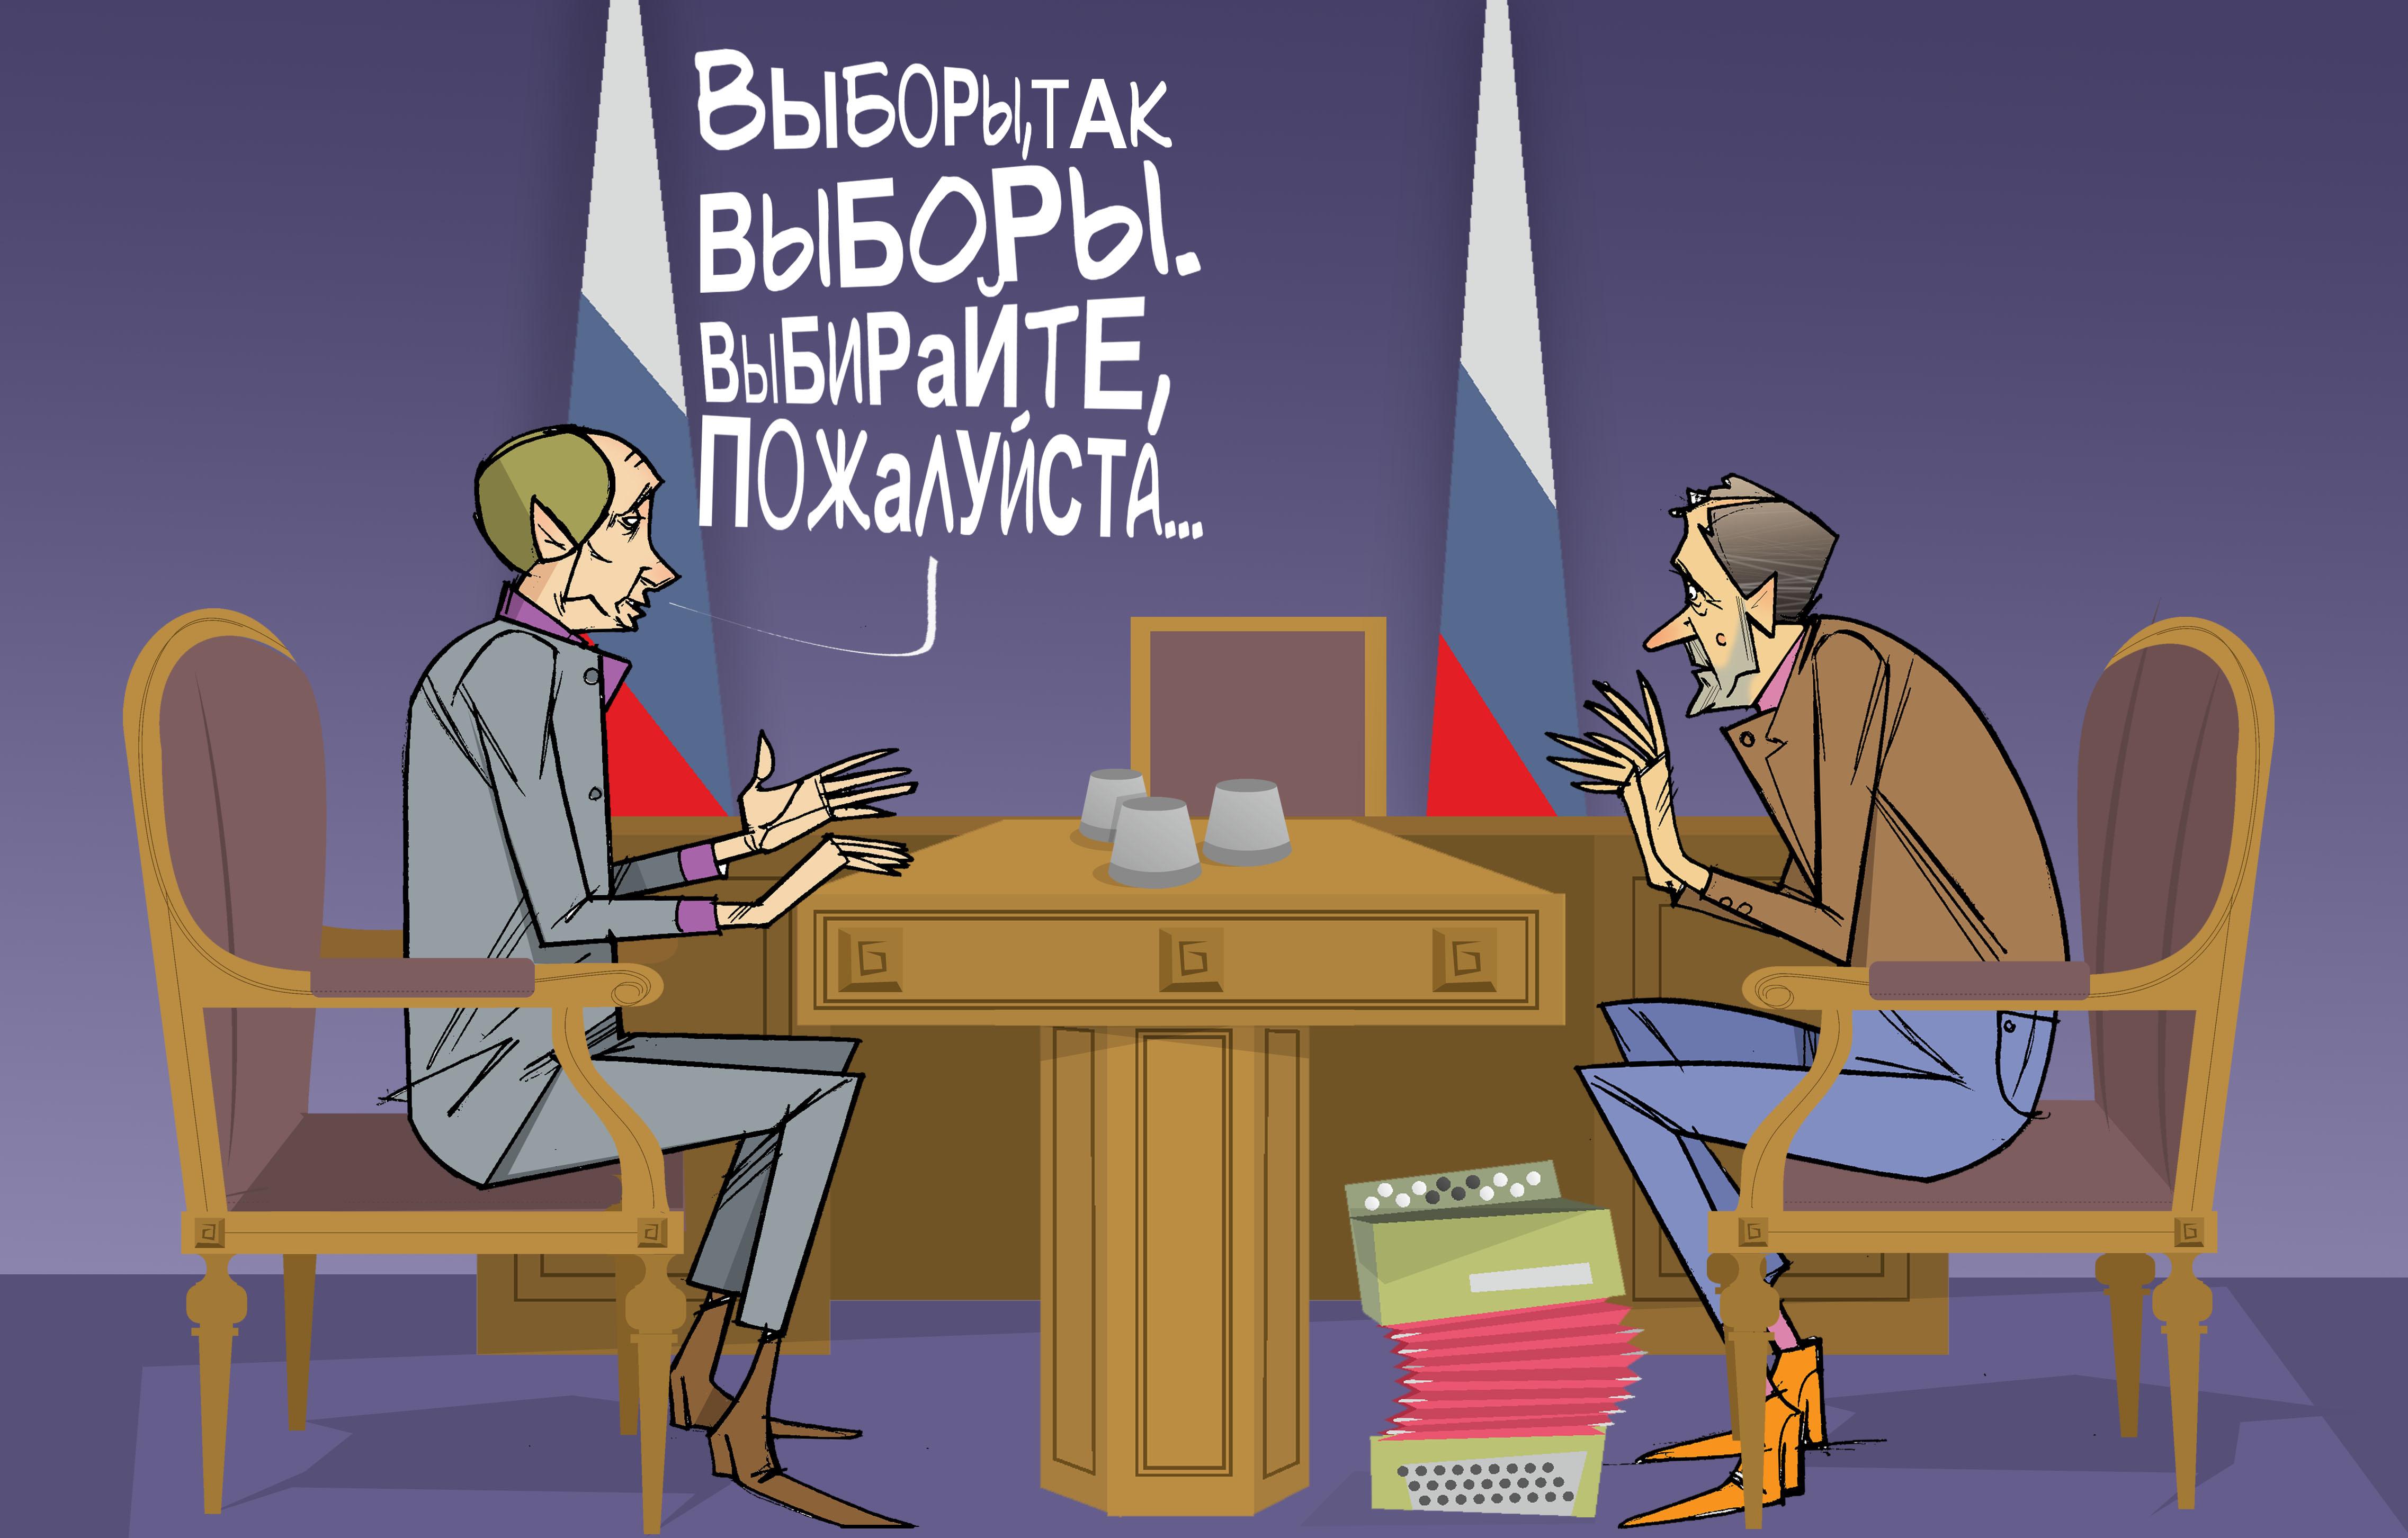 """Выбирайте, пожалуйста... #Выборы #ПрезидентУР #Волков © Газета """"День"""" 2013"""